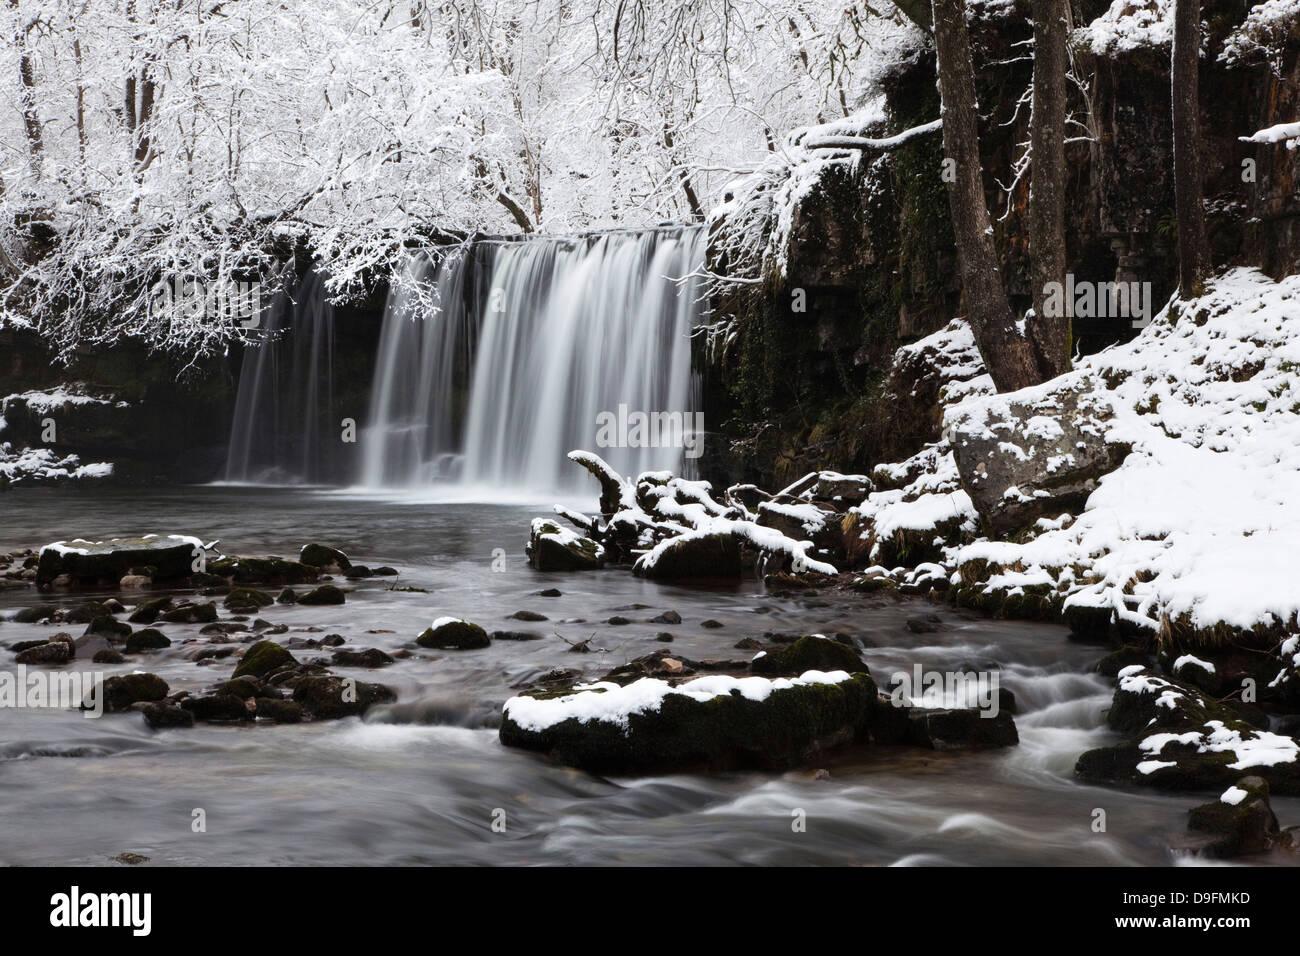 Sqwd dSnow, Sgwd Ddwli Wasserfall, Brecon Beacons, Wales, UK Stockbild